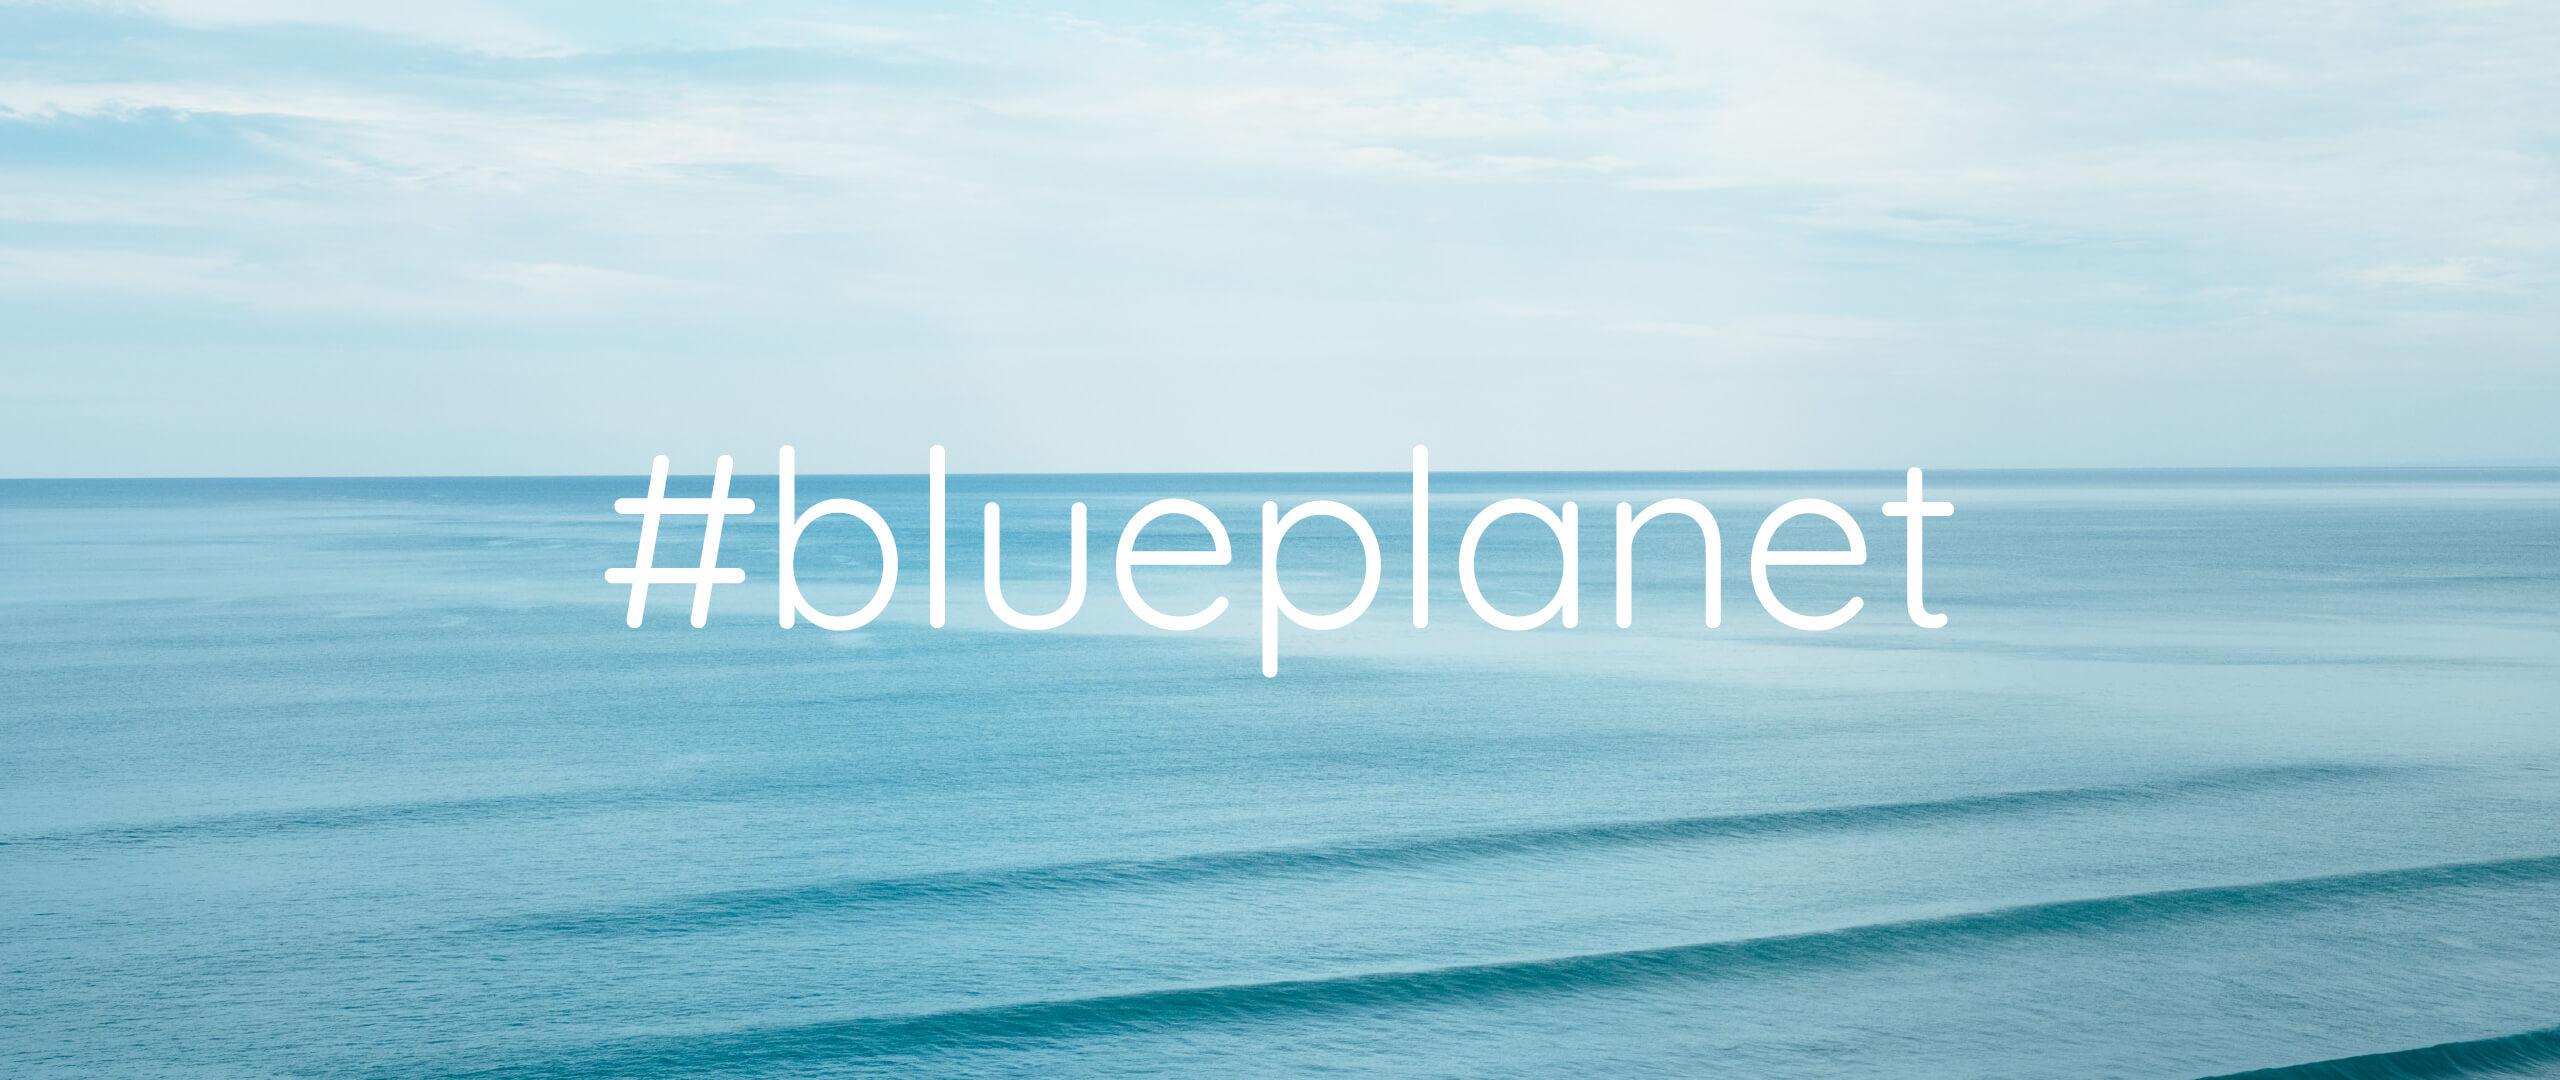 Take Action やってみよう #blueplanet